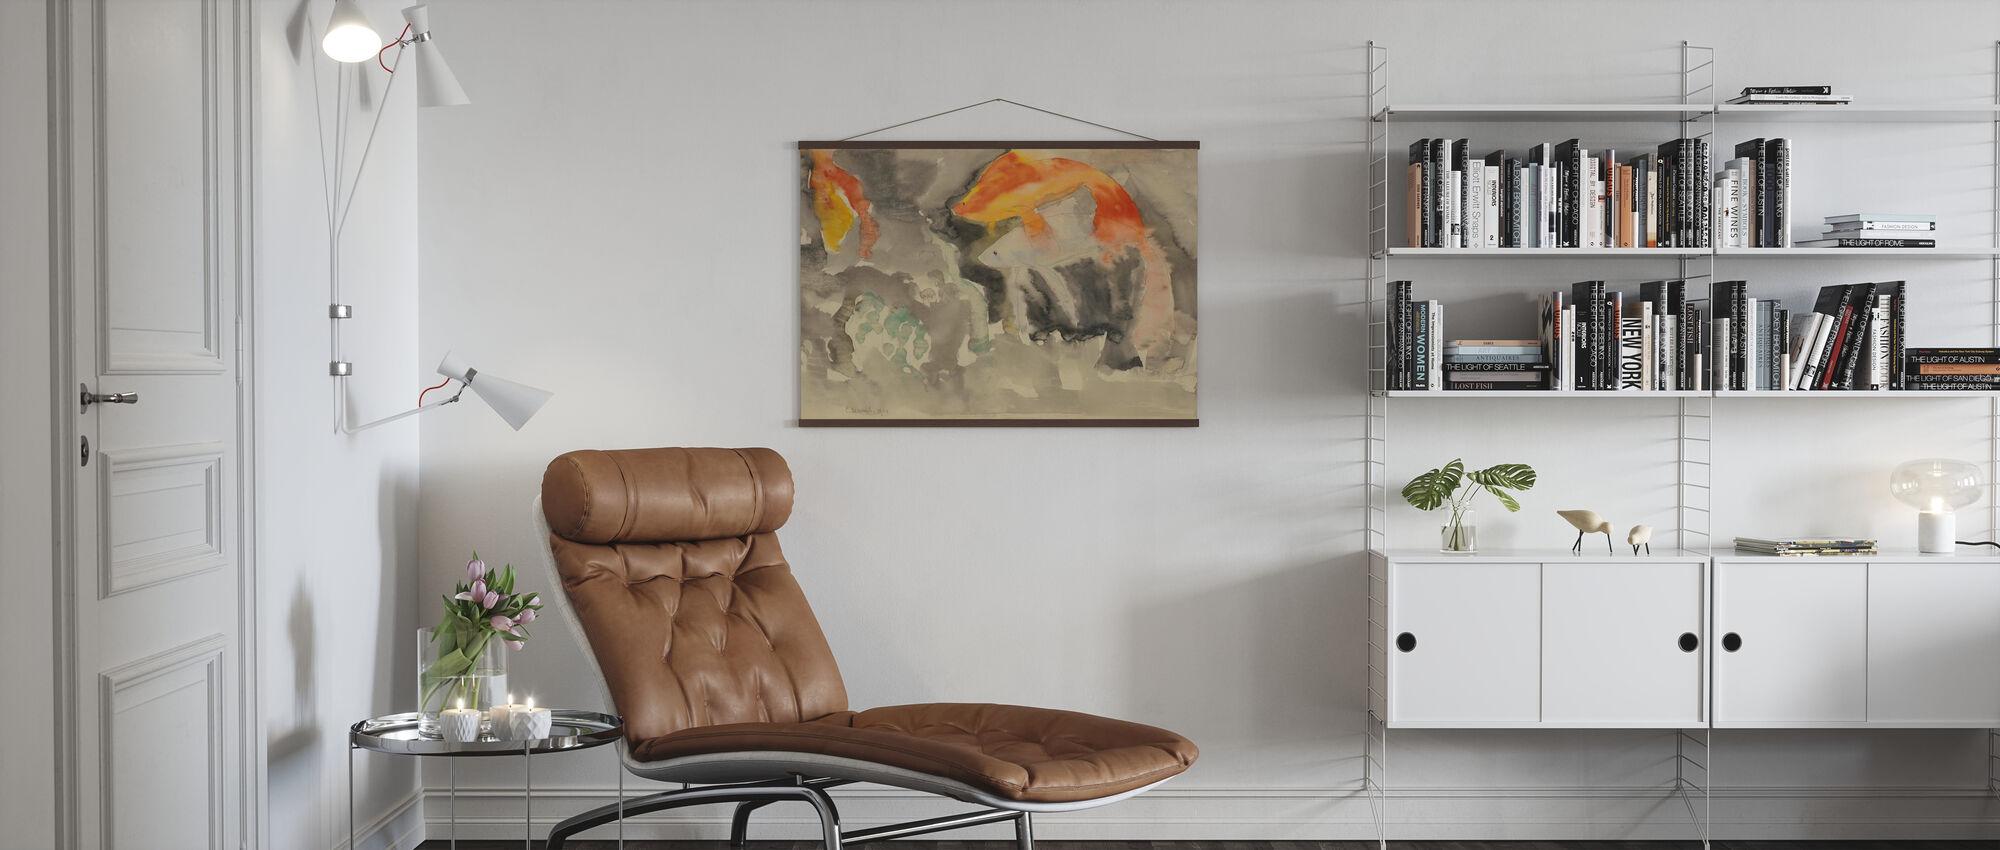 Fisch Serie Nr. 5 - Charles Demuth - Poster - Wohnzimmer